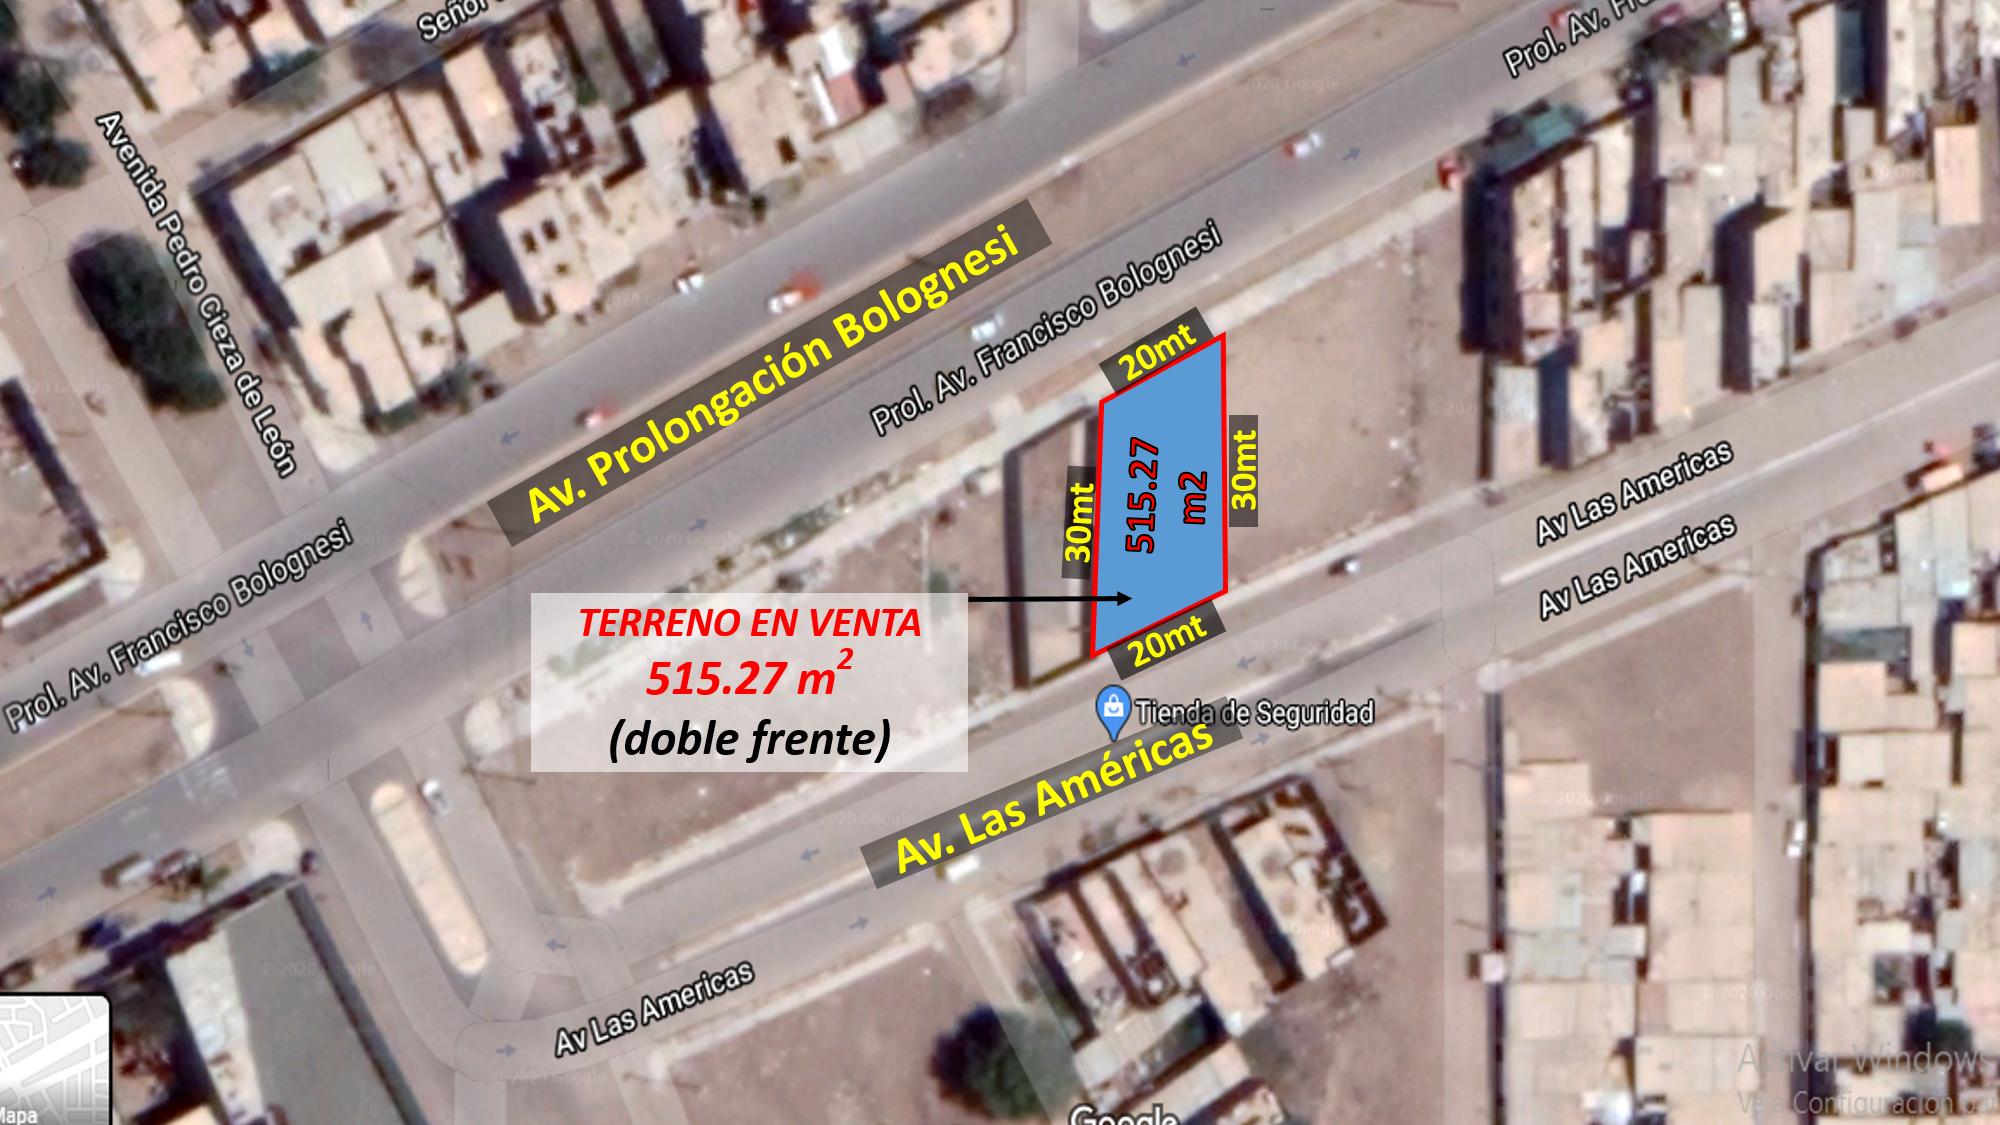 Terreno de 515.27m2 en Av. Prolongación Bolognesi-Chiclayo